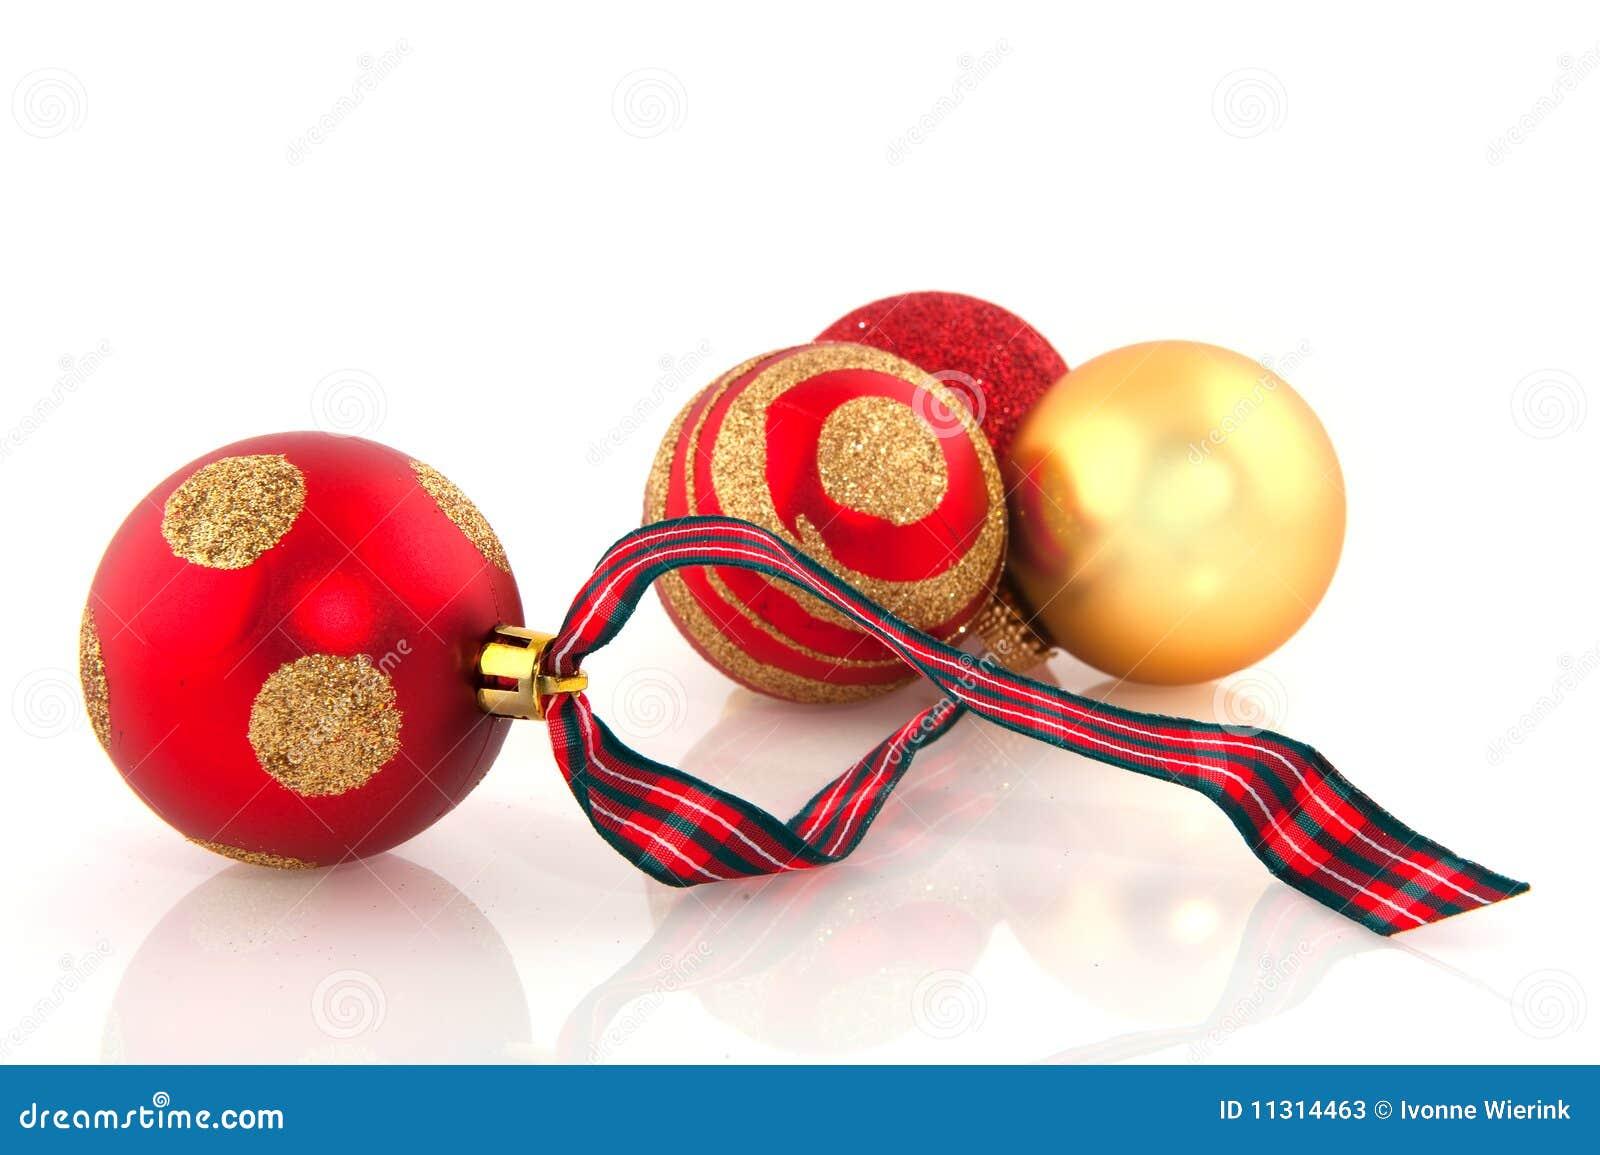 Rote und goldene Weihnachtskugeln